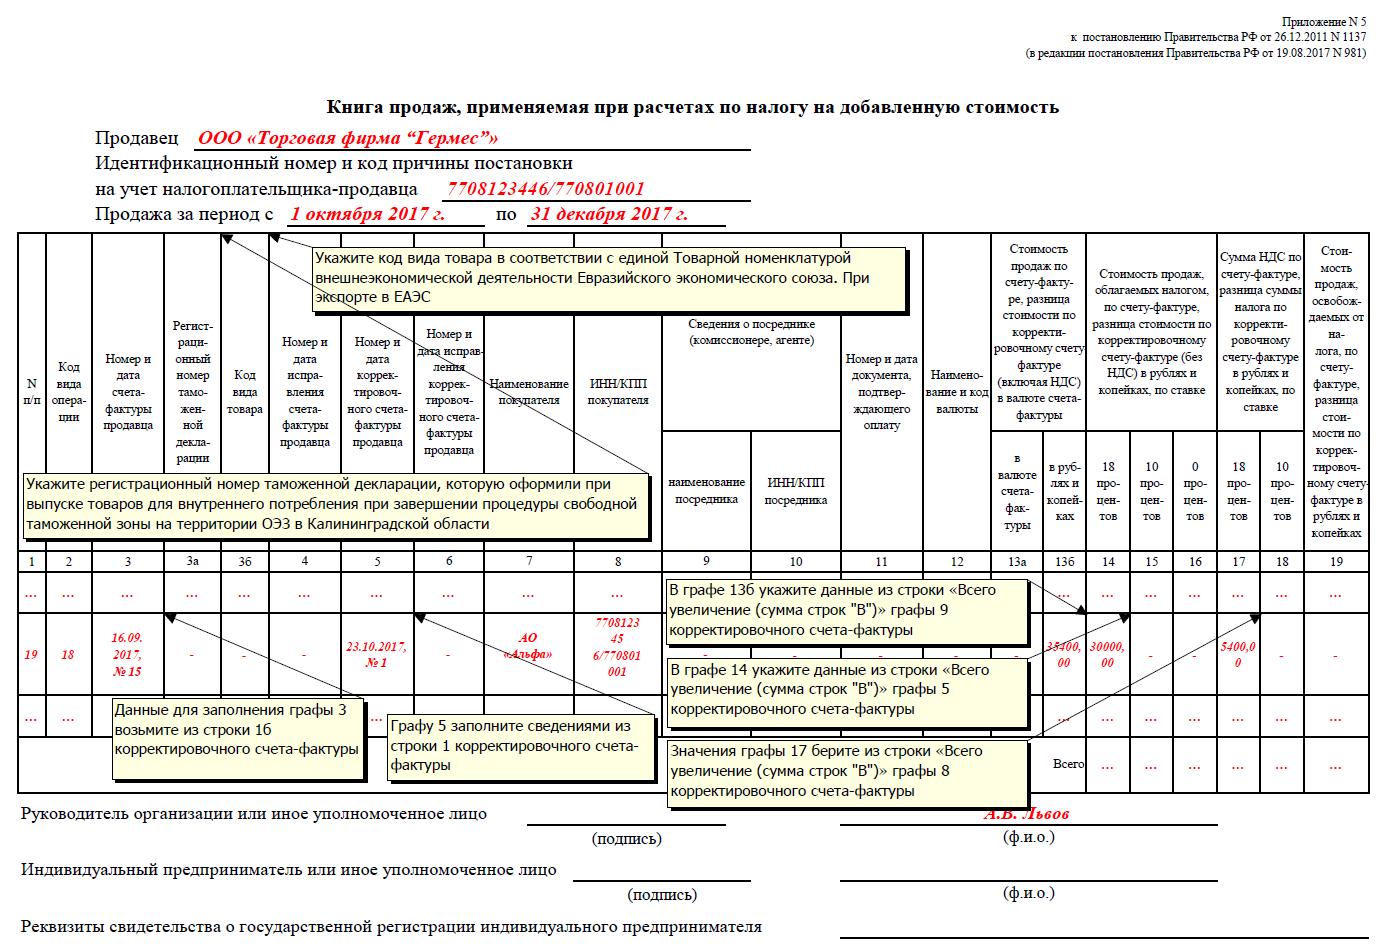 отражение корректировочного счета фактуры у продавца